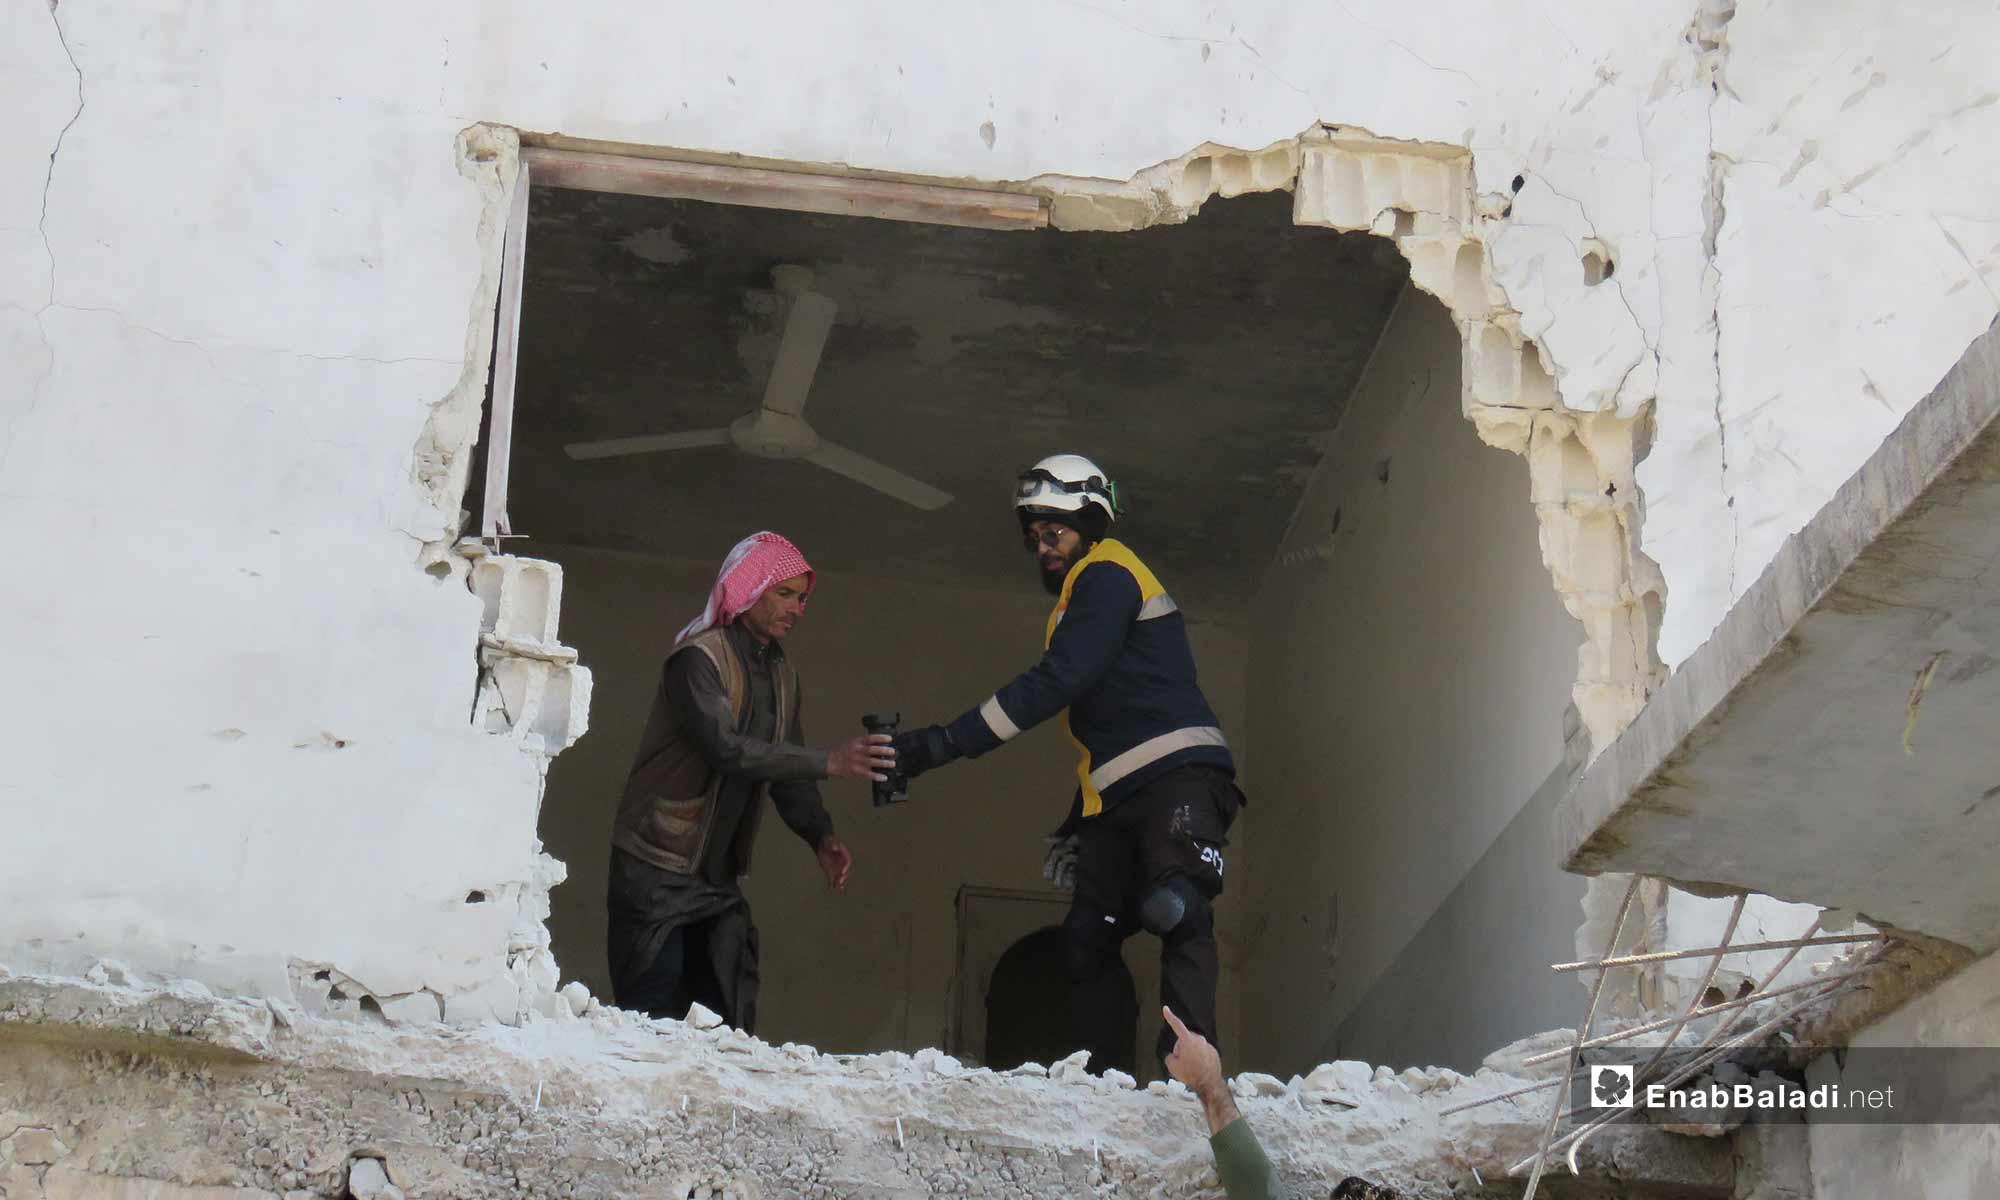 آثار الدمار بعد القصف على قلعة المضيق في ريف حماة - 18 من شباط 2019 (عنب بلدي)